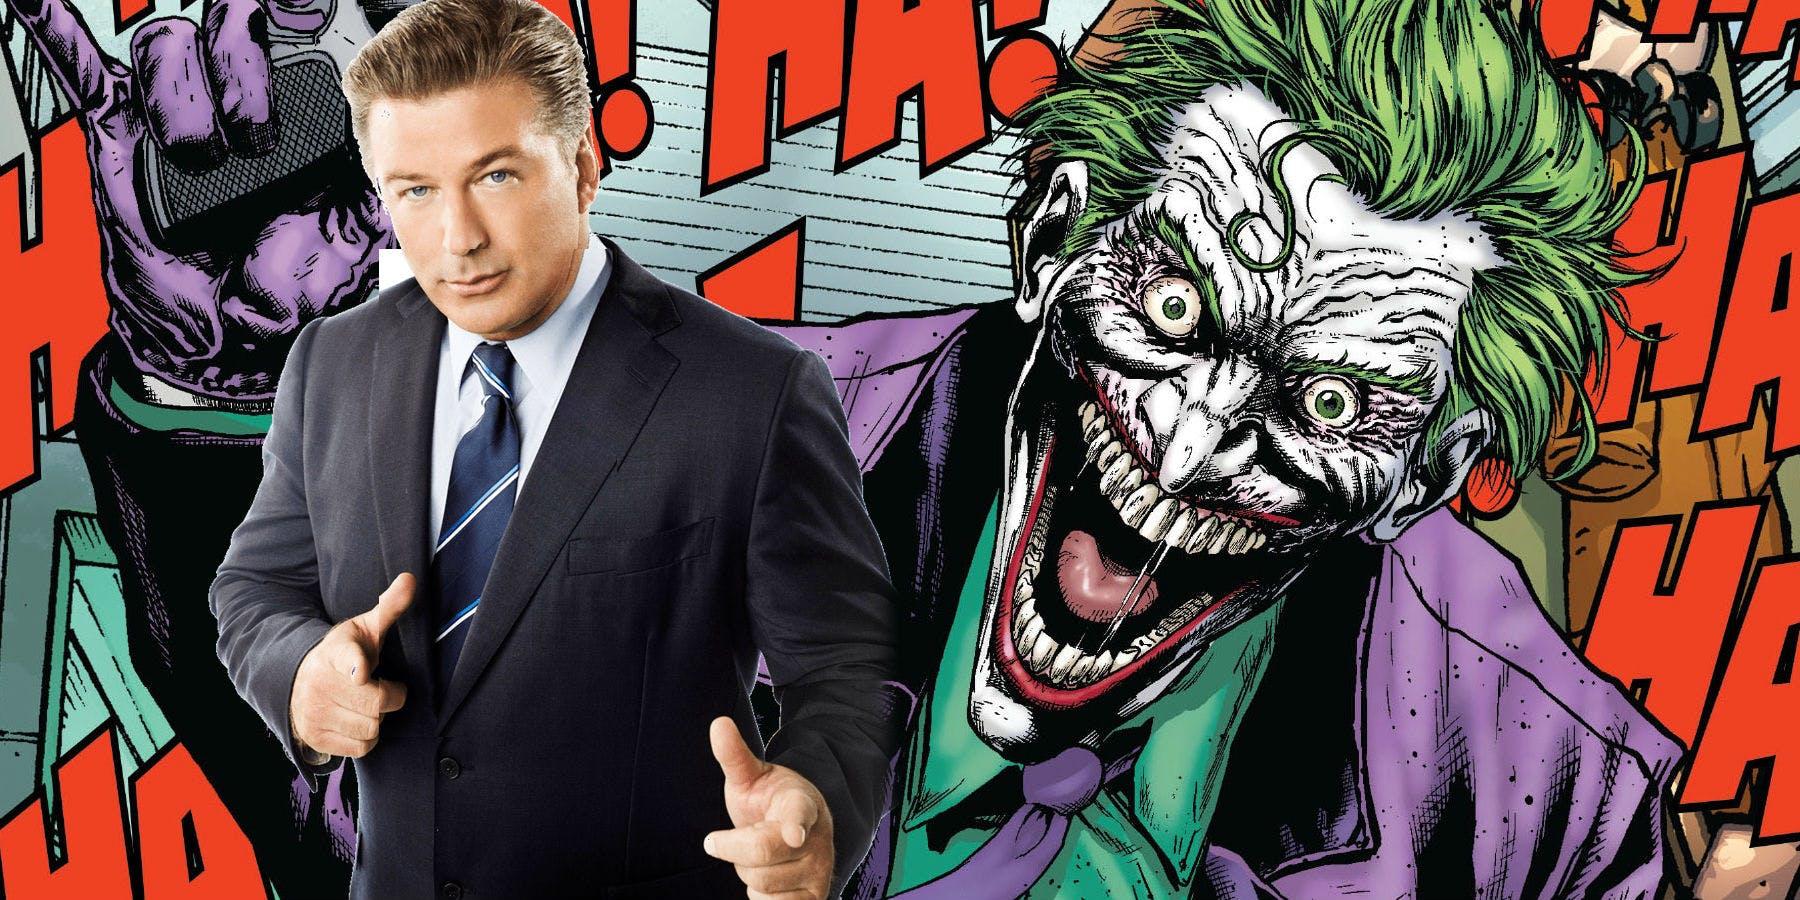 Алек Болдуин выбыл из состава сольного фильма про Джокера